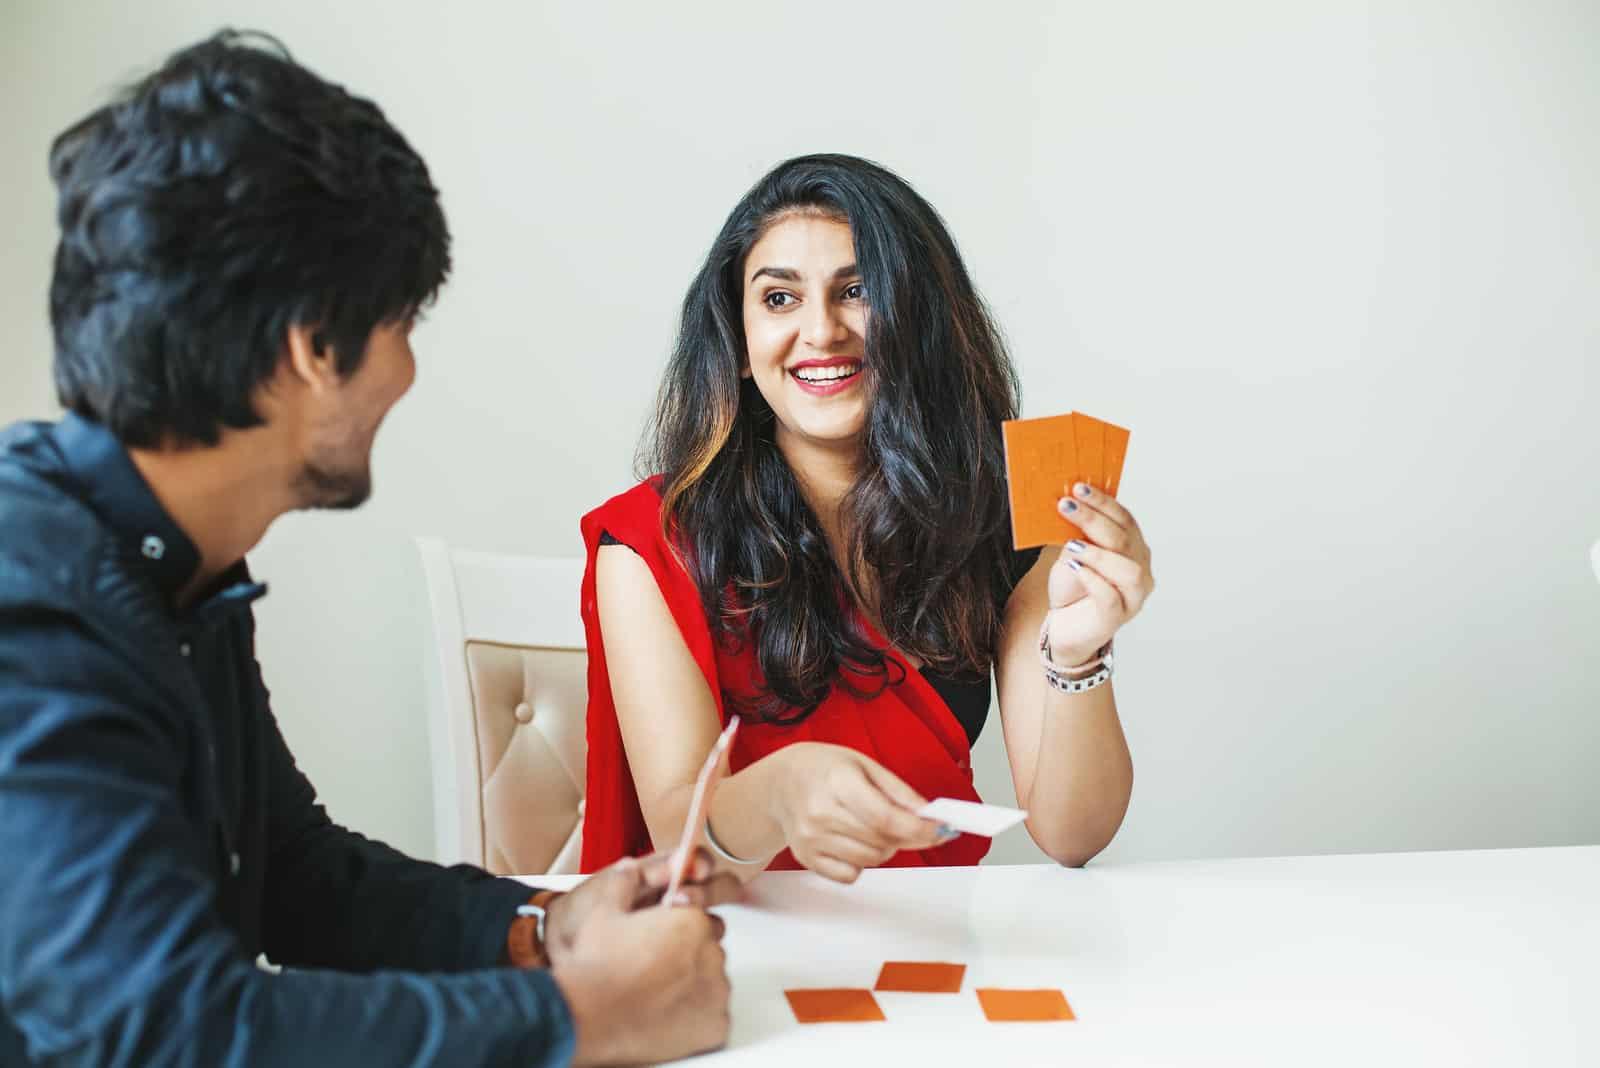 un homme et une femme sont assis à une table et jouent aux cartes